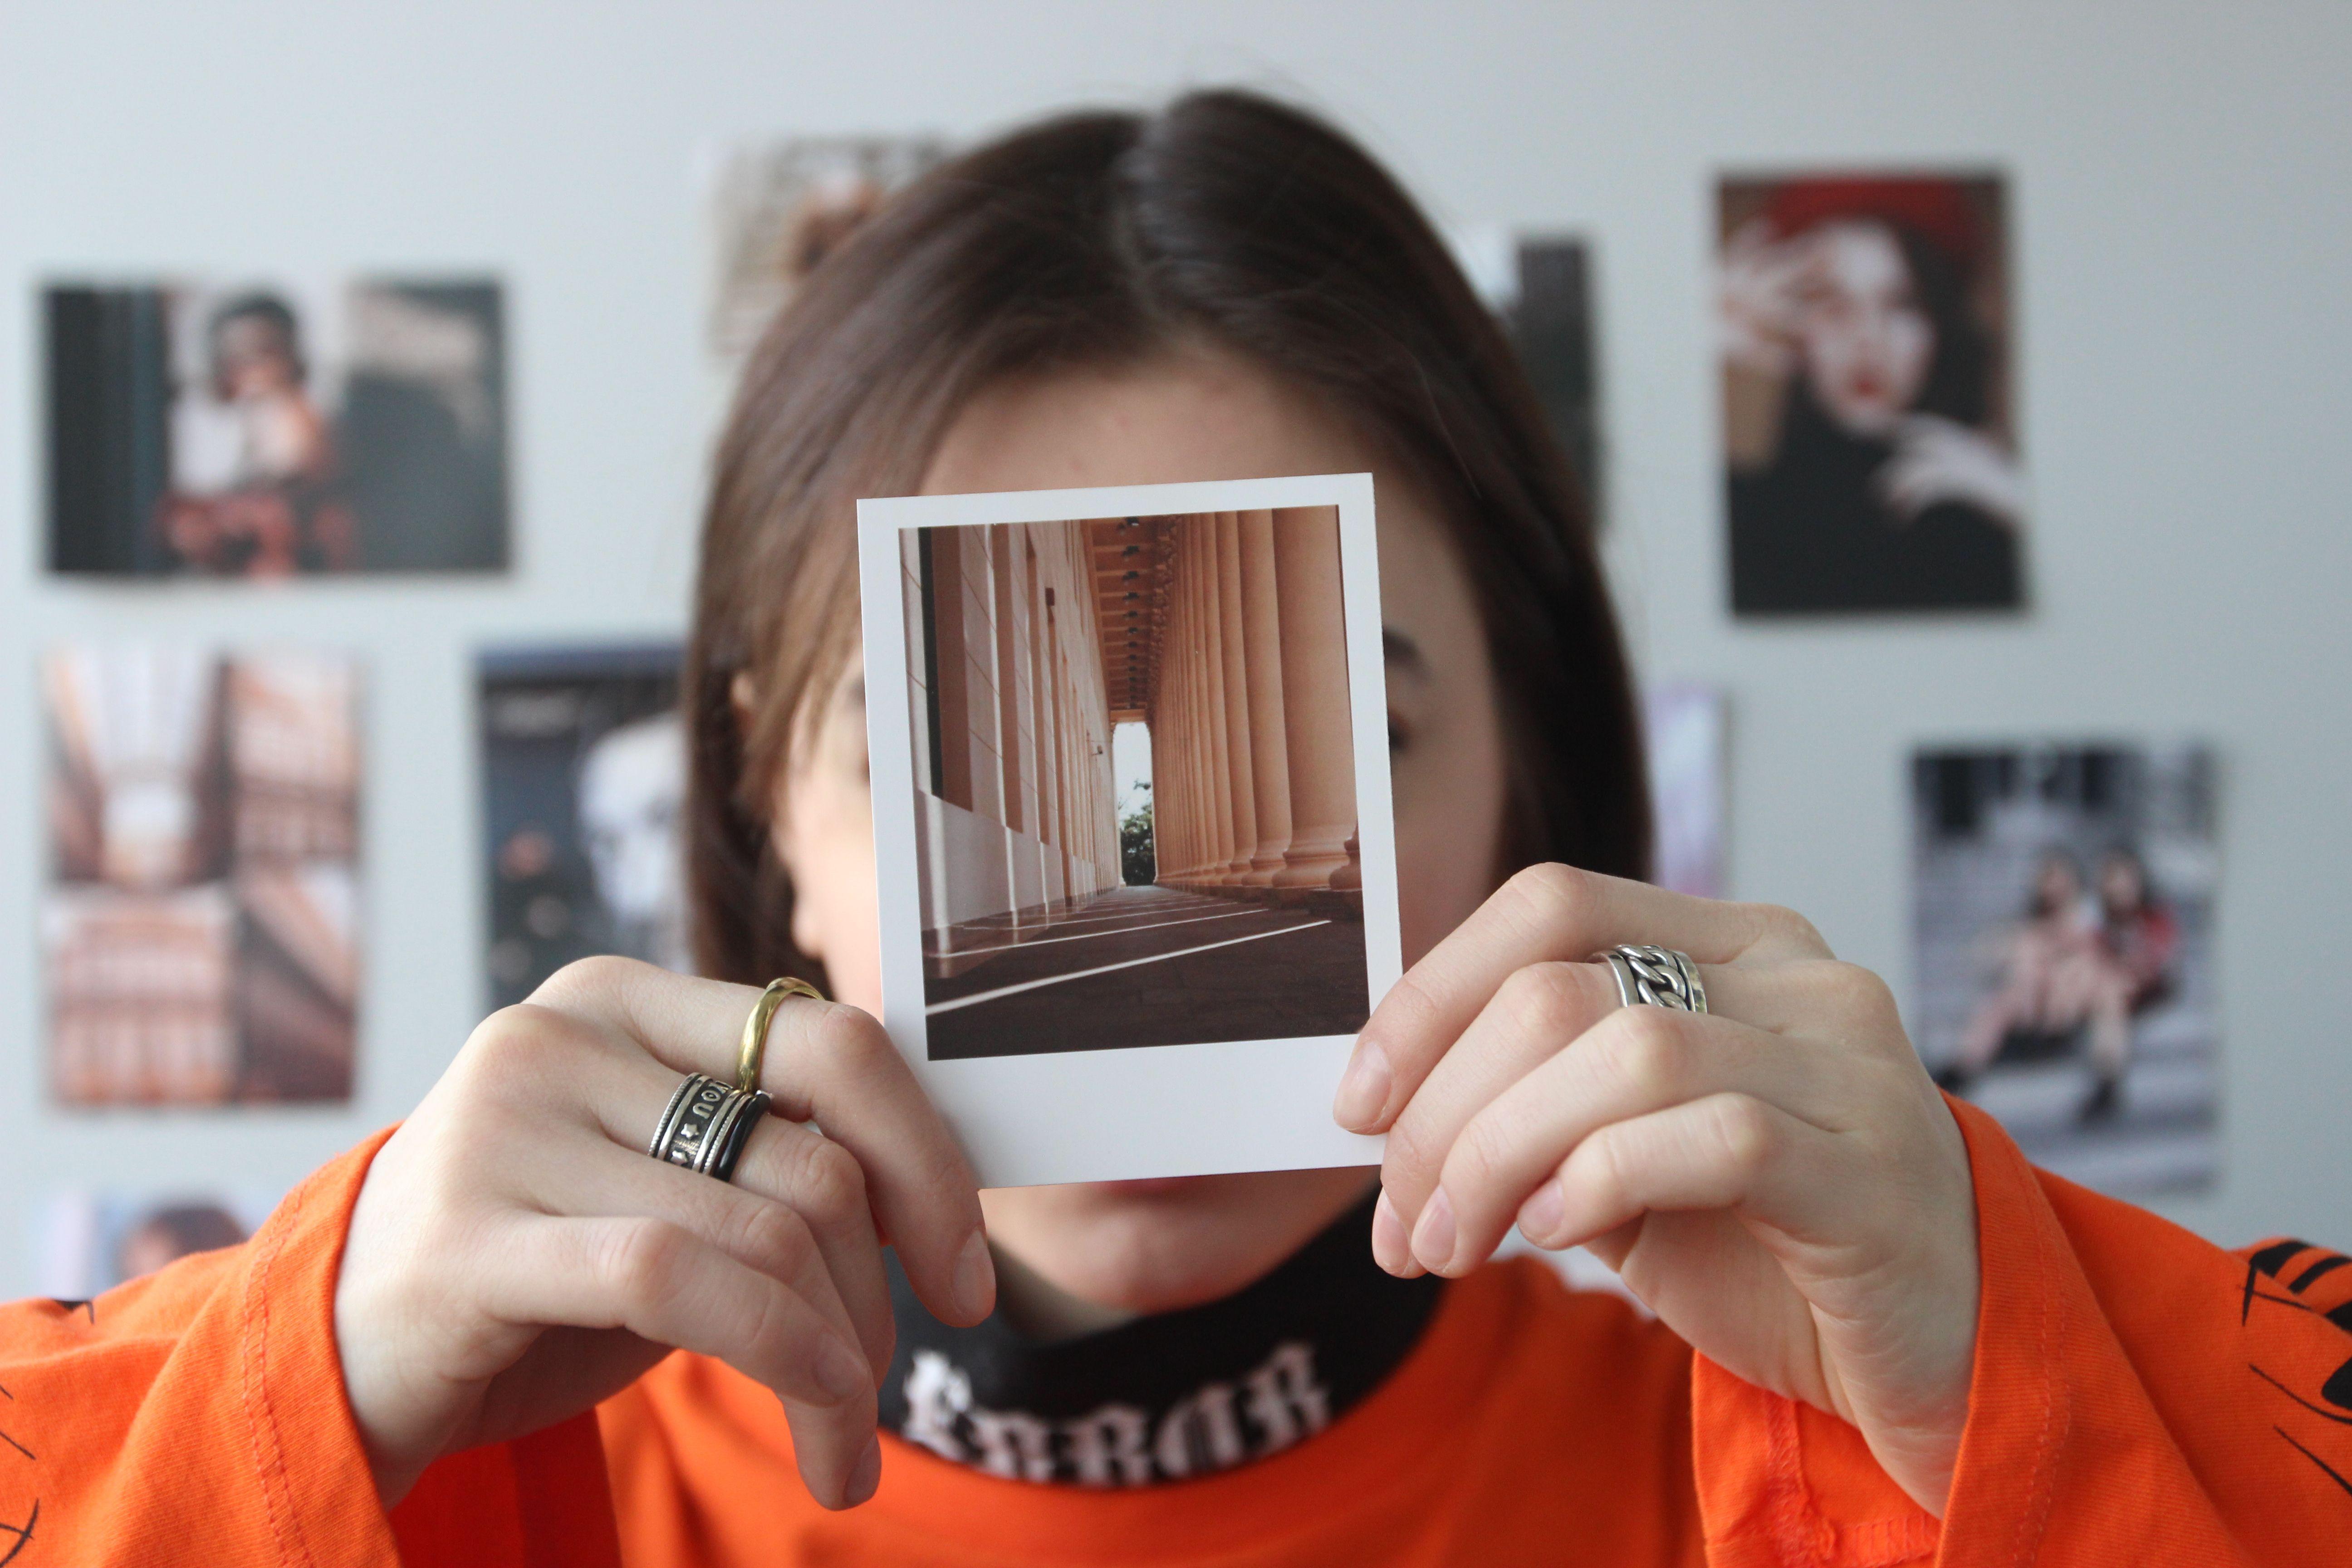 захаров король распечатать фотографии в москве через интернет лист